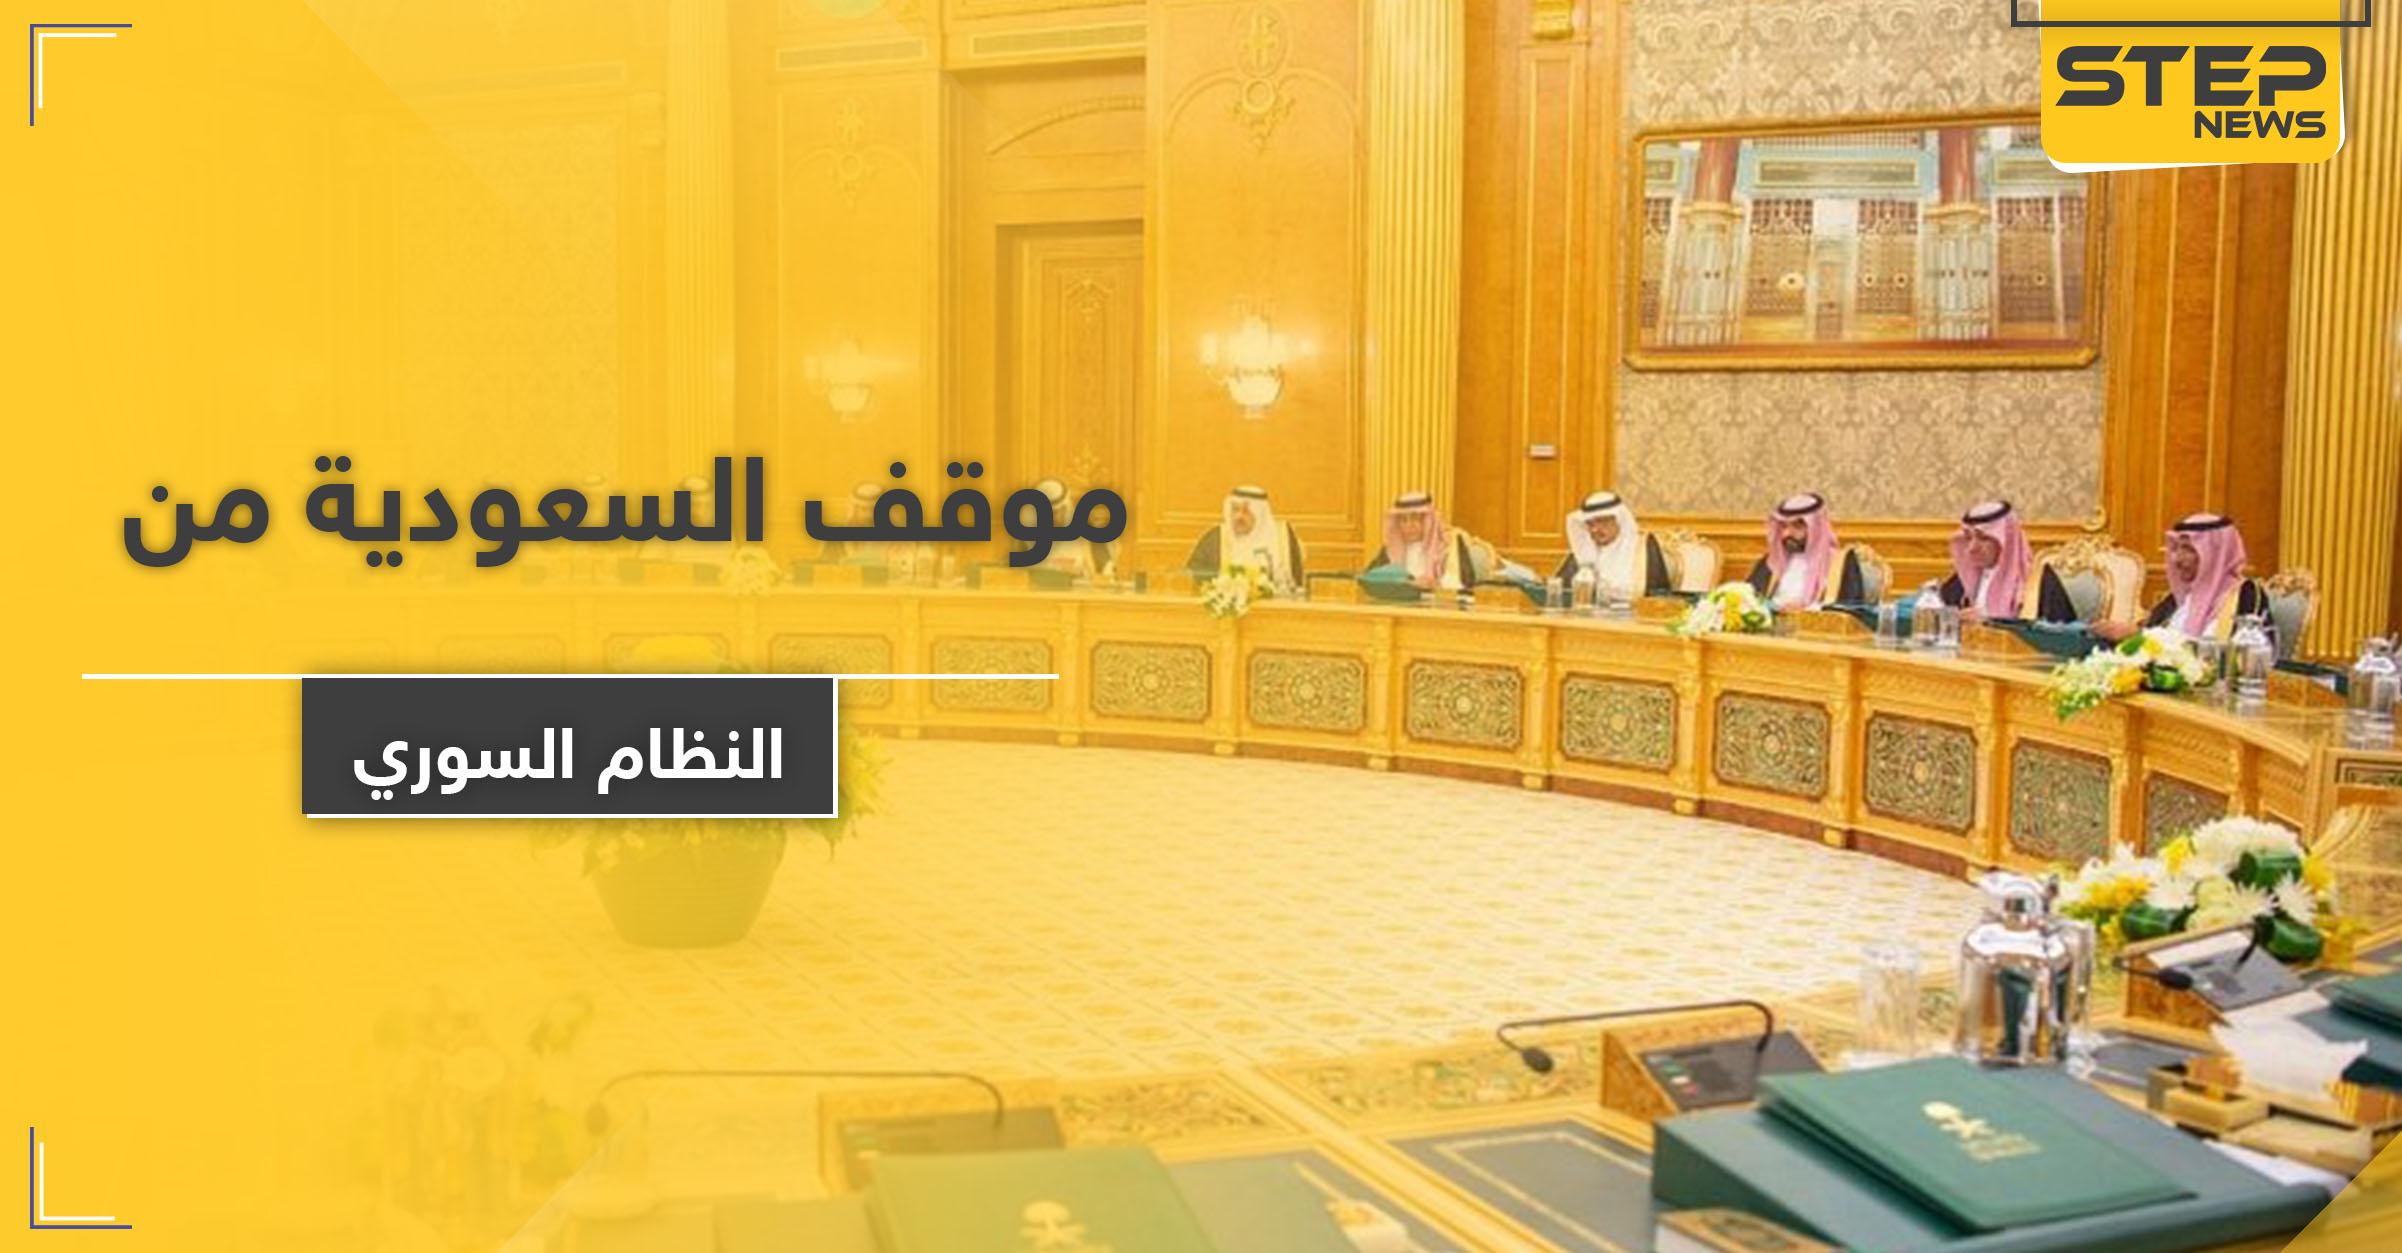 السعودية تجدد موقفها الحاسم تجاه النظام السوري وإيران